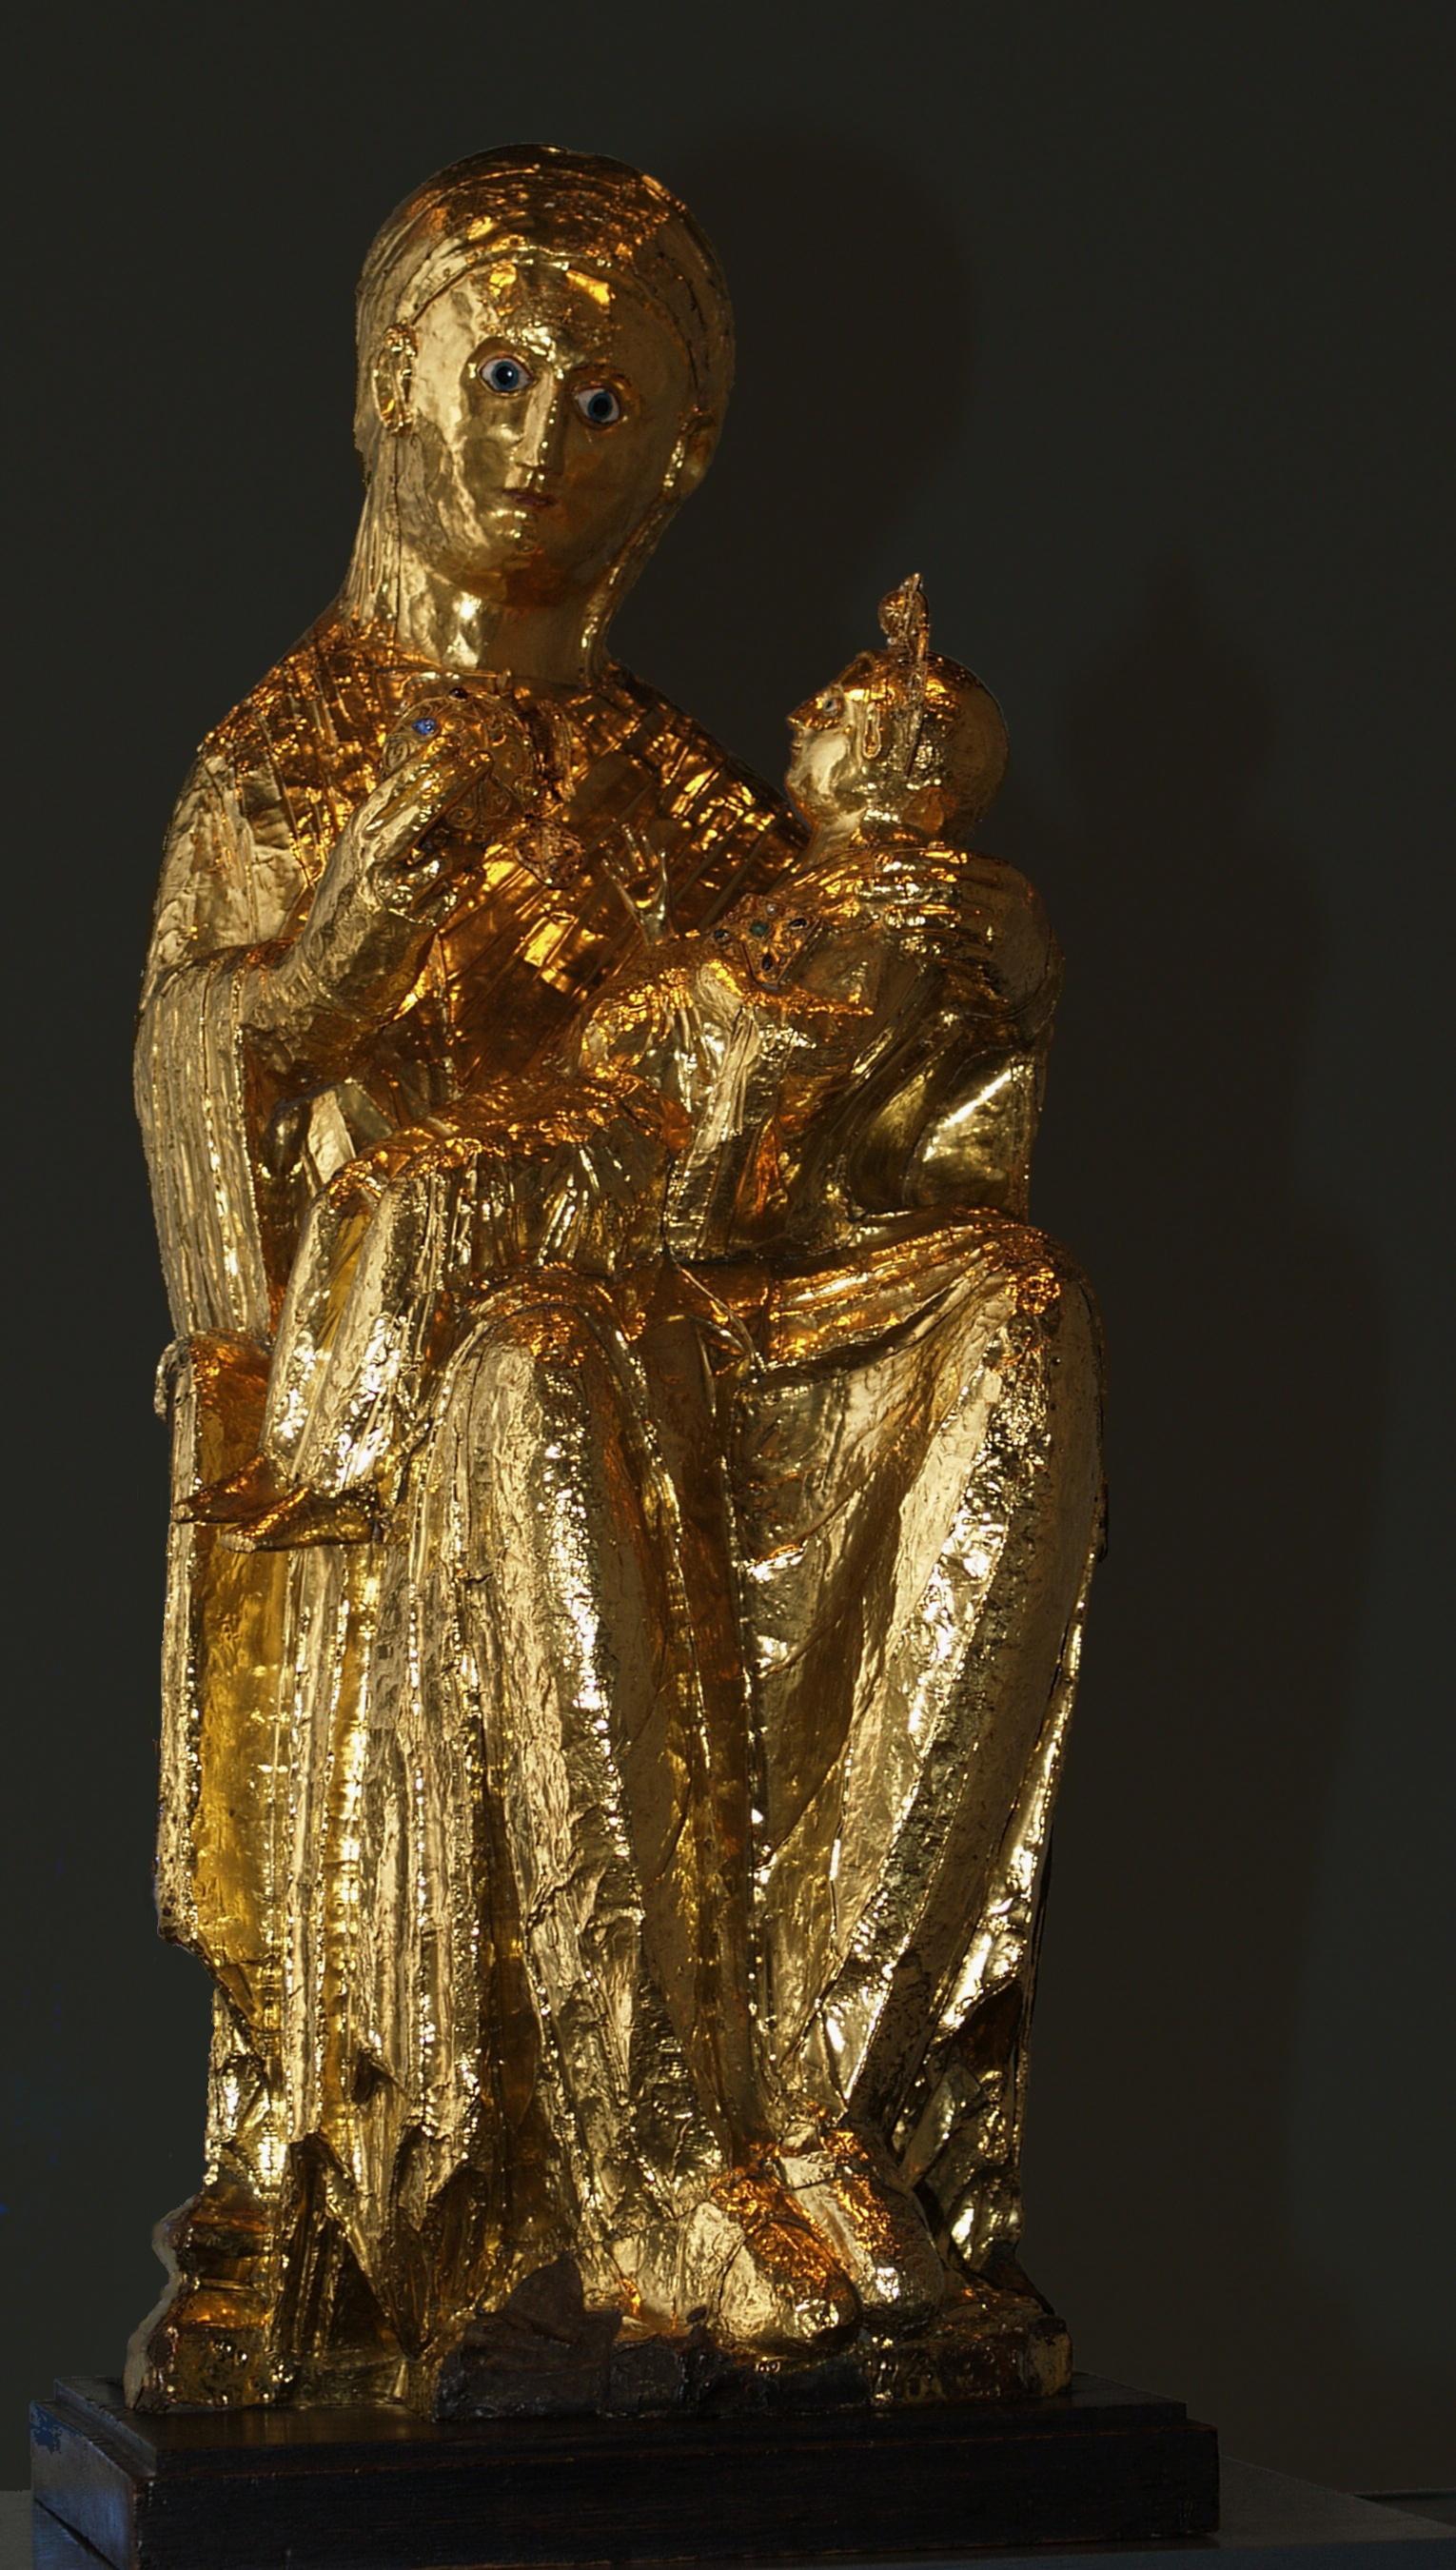 Gotischer Hausaltar Heiligenschrein Madonnenfigur Marienfigur Kirchenfigur Antik Garten- & Parkeinrichtung